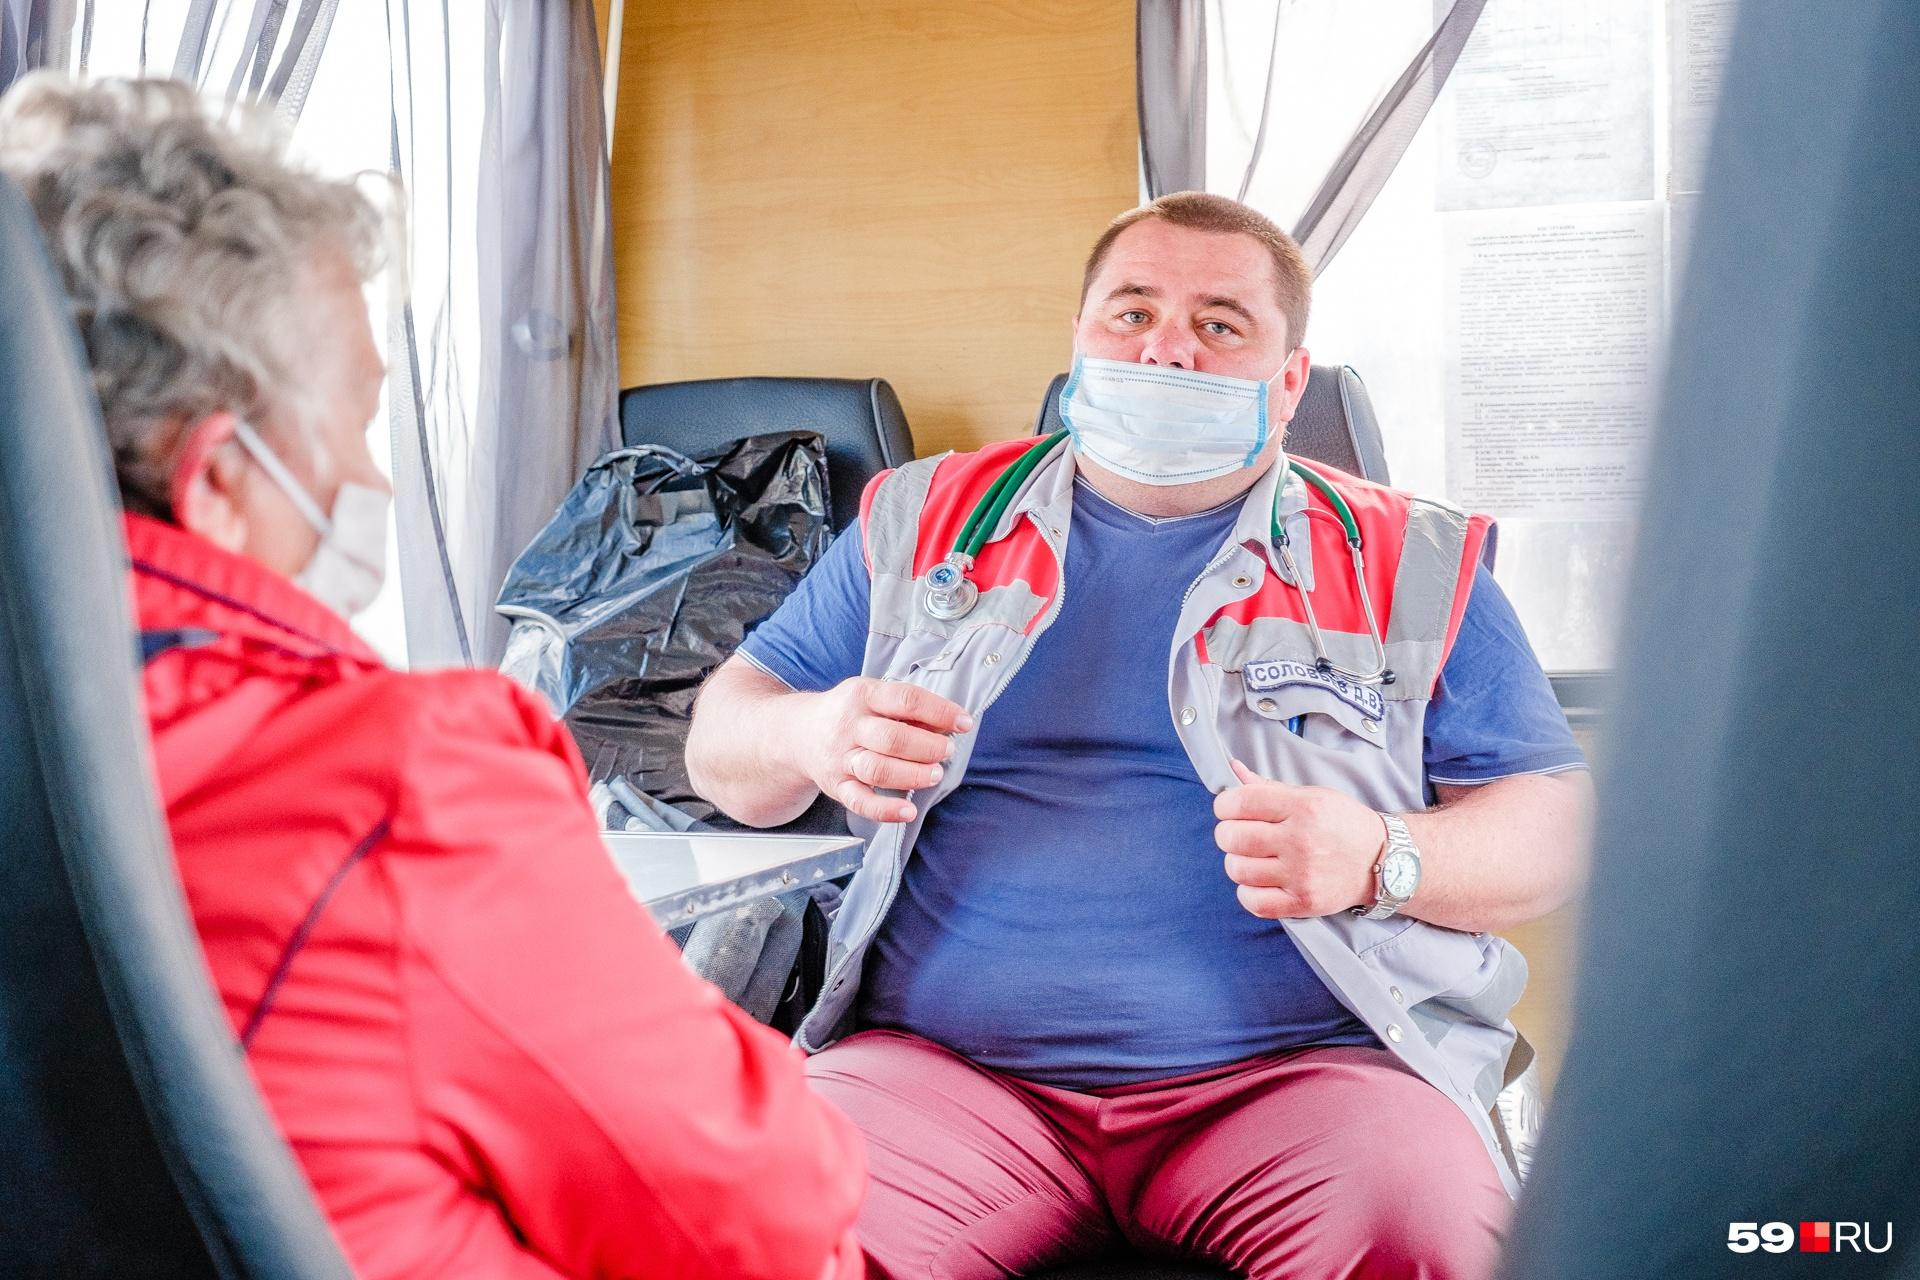 На обратной дороге в вахтовке вместе с сотрудником скорой. Врачи всегда приезжают к тем, кому нужна помощь, даже если добраться к ним сложно